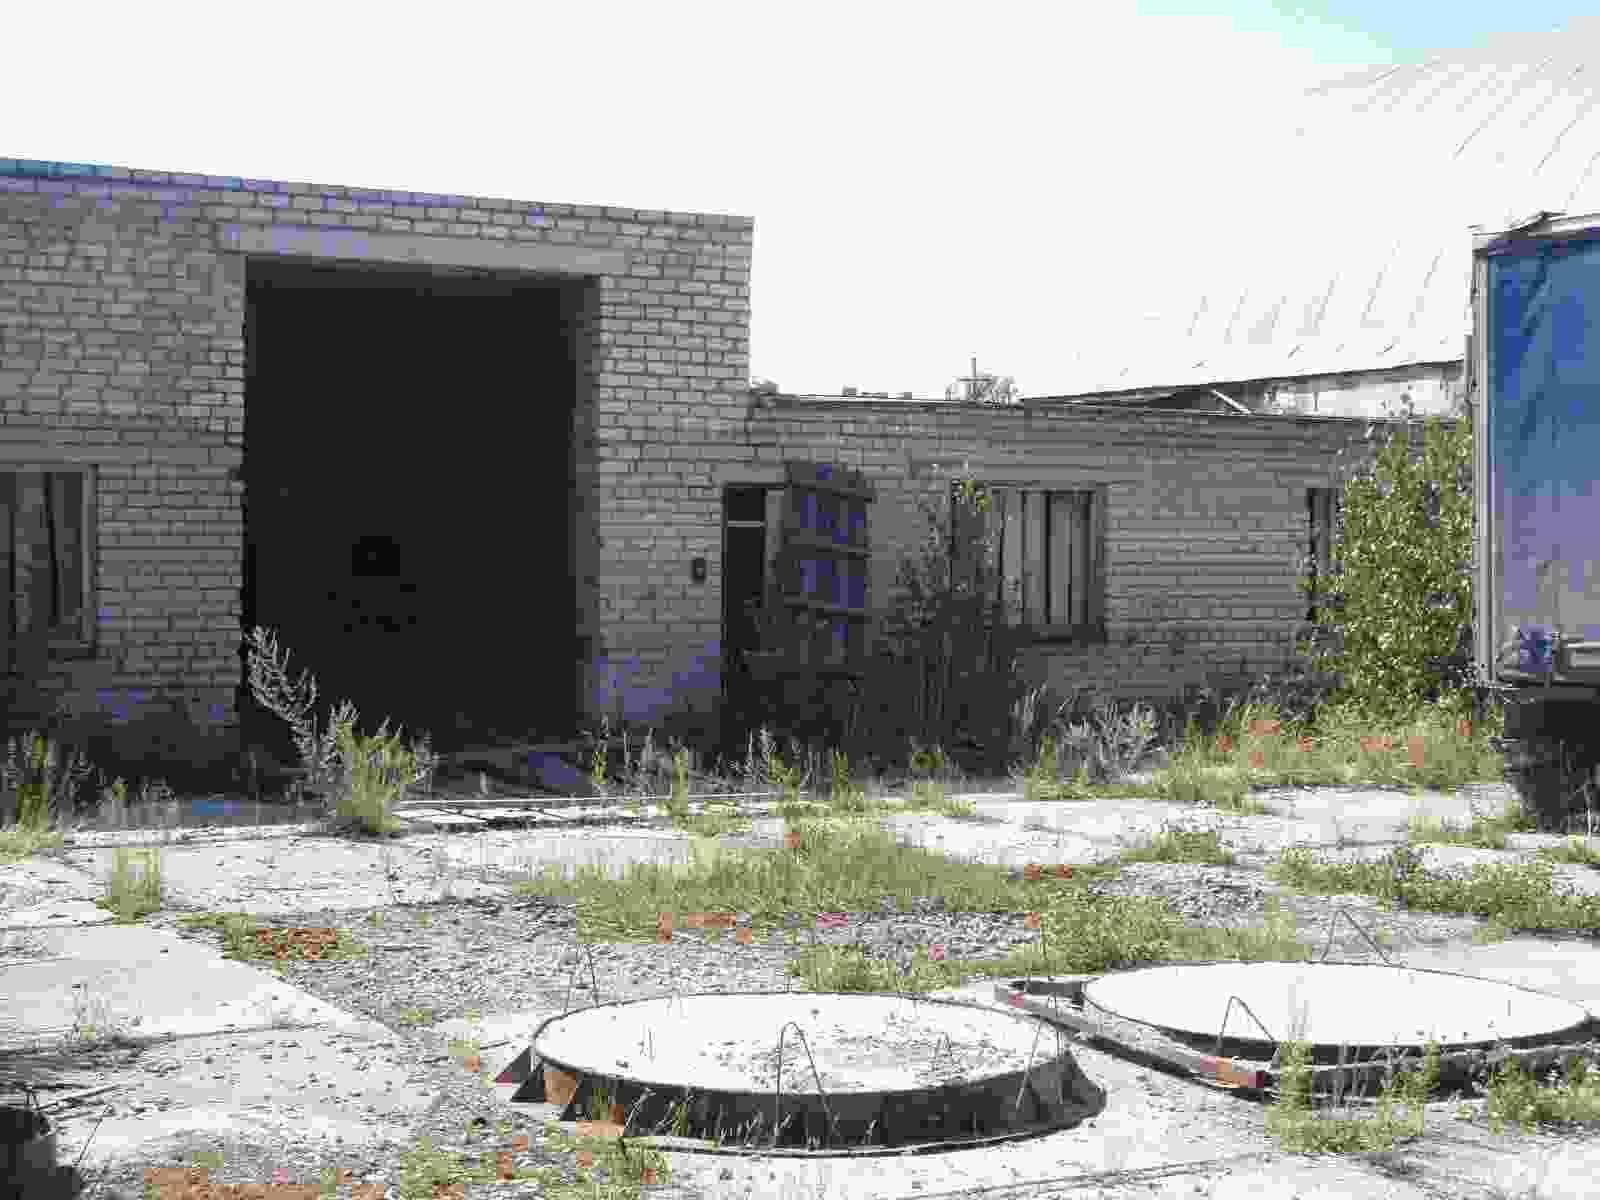 Продаю (сдаю в аренду) здание, помещение (ангар, арочник) под склад, производство.. Фото 4